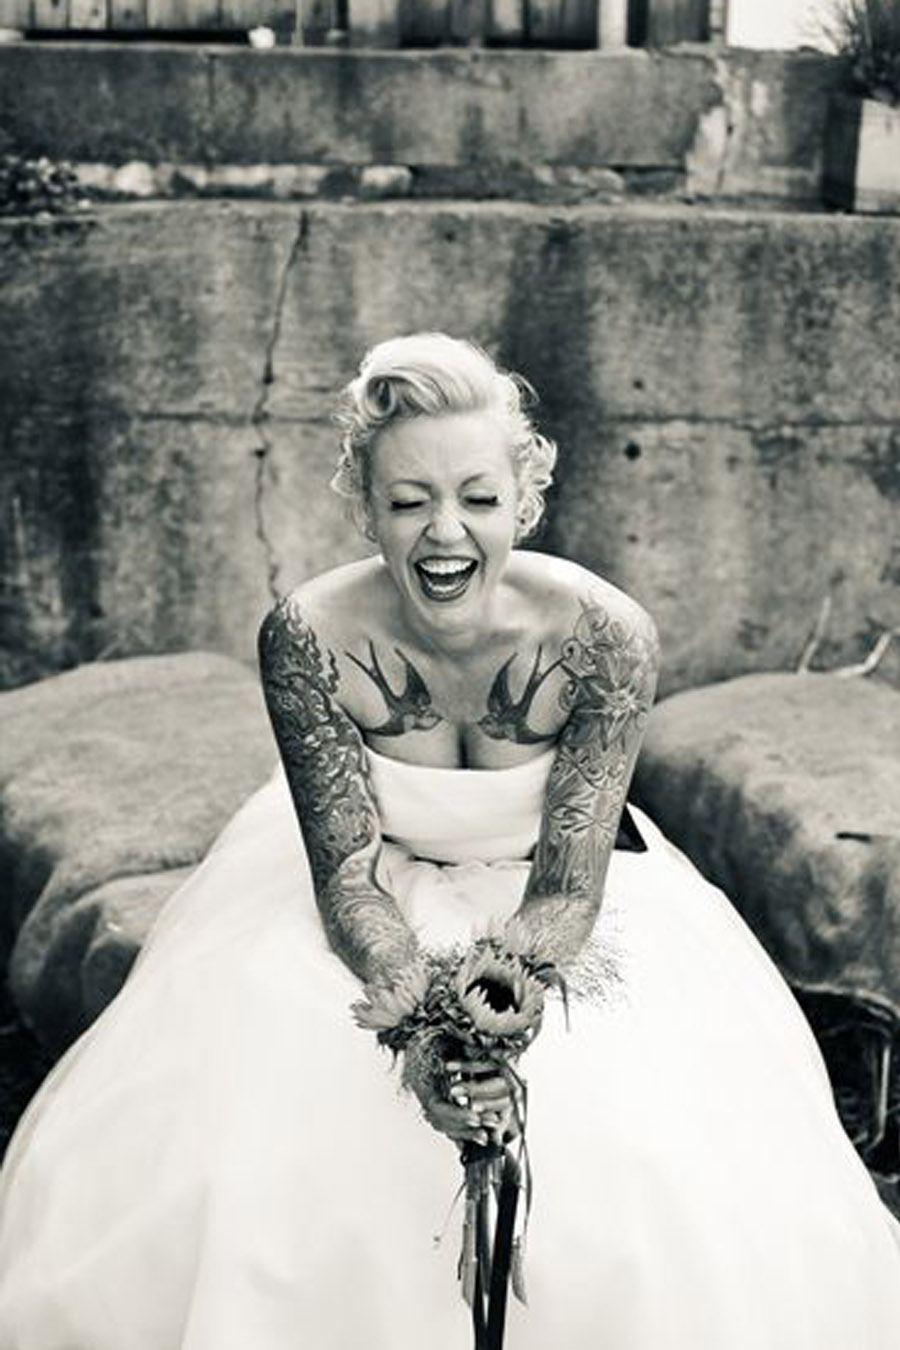 NOVIAS TATUADAS tattoos-de-novia